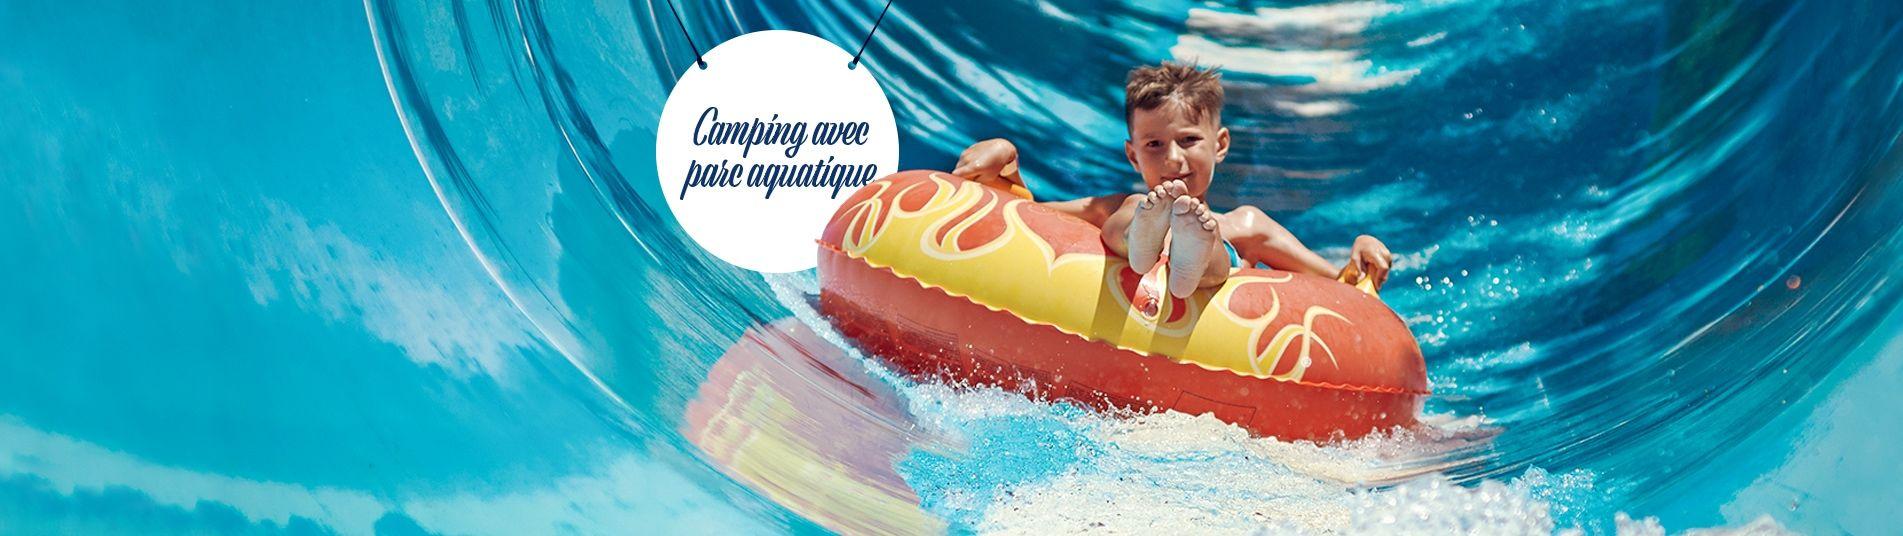 Petit garçon dans un toboggan aquatique